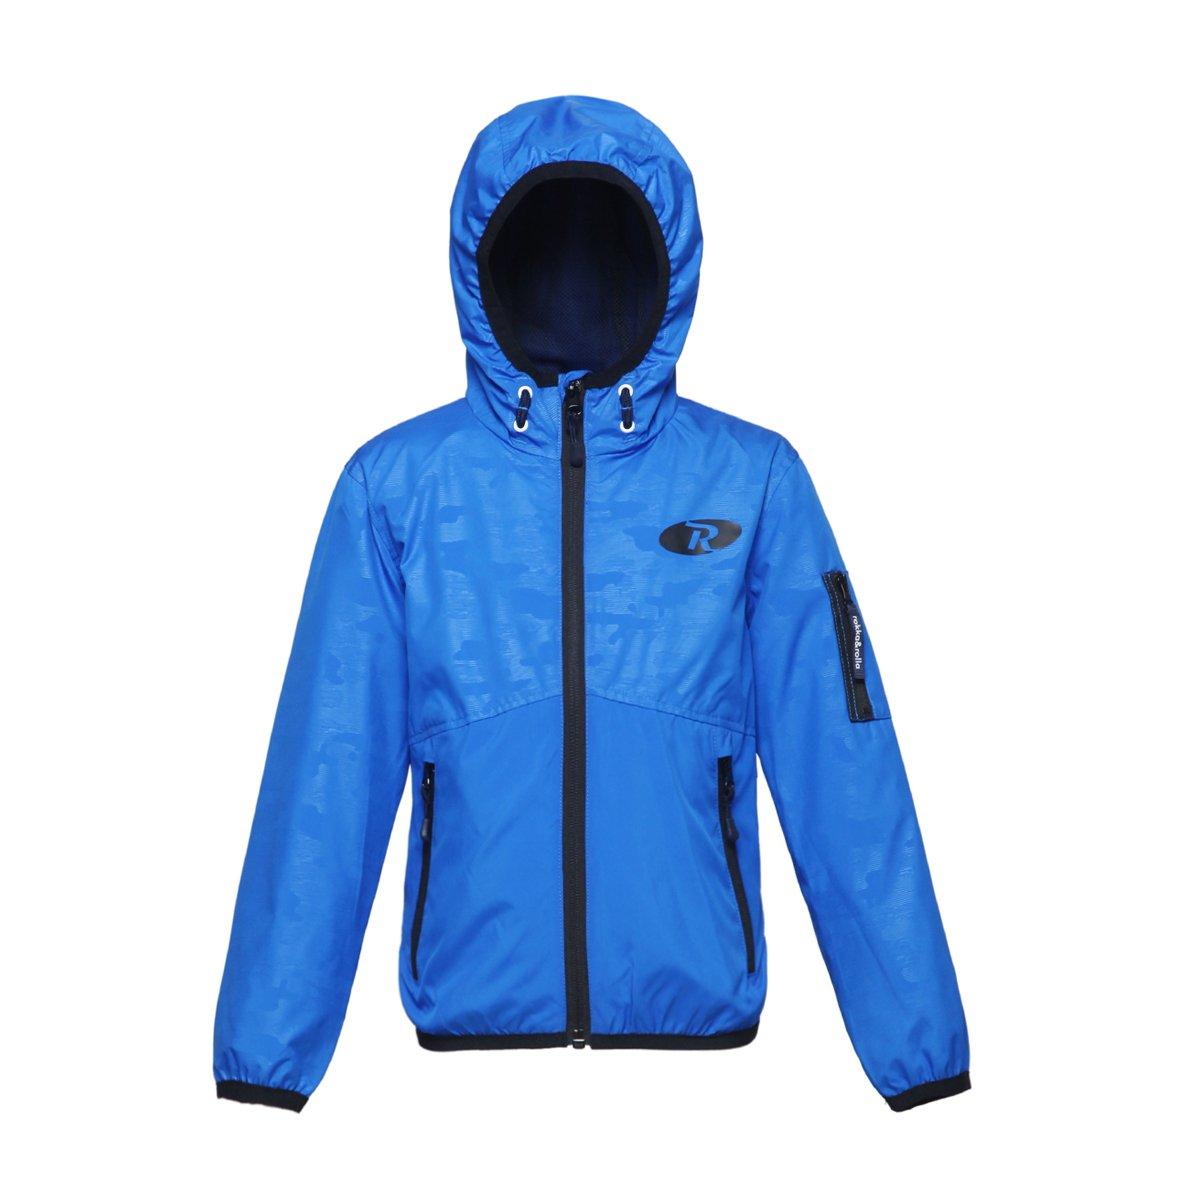 Rokka&Rolla Boys' Lightweight Water Resistant Zip-Up Hooded Windbreaker Jacket by Rokka&Rolla (Image #1)